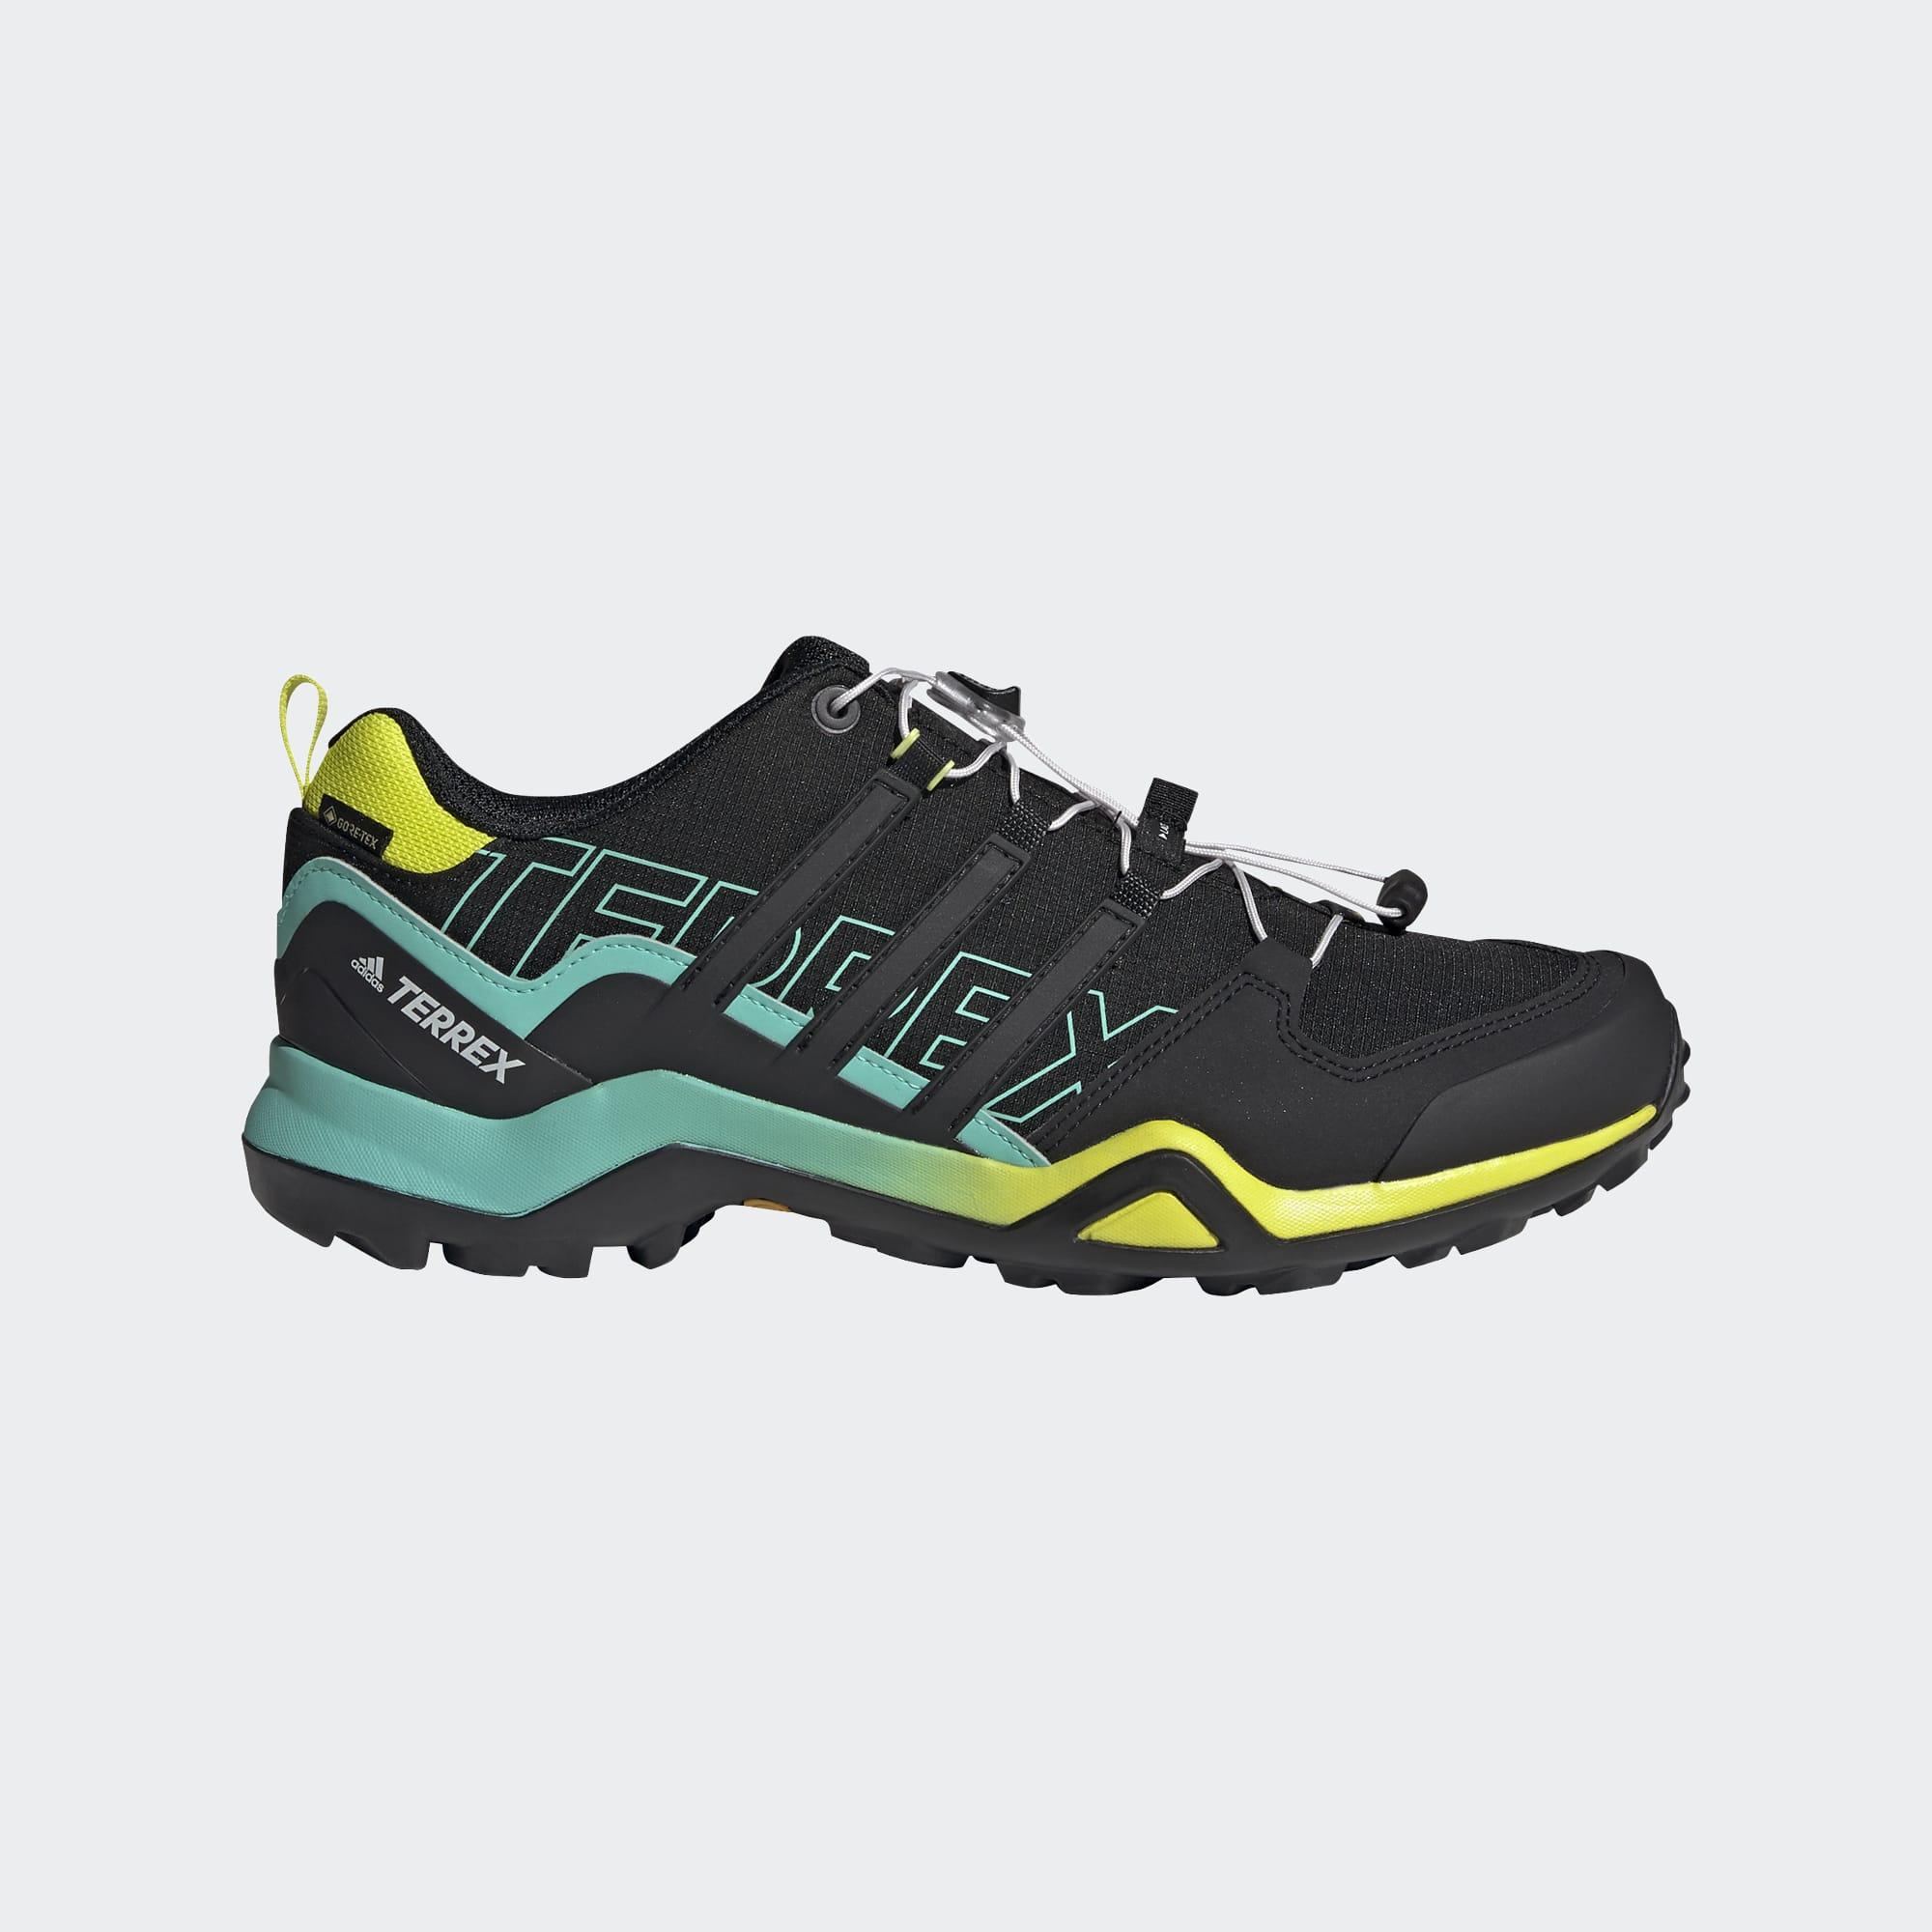 Pánská outdoorová obuv Terrex Swift R2 GORE-TEX Veľkosť: 44 EU